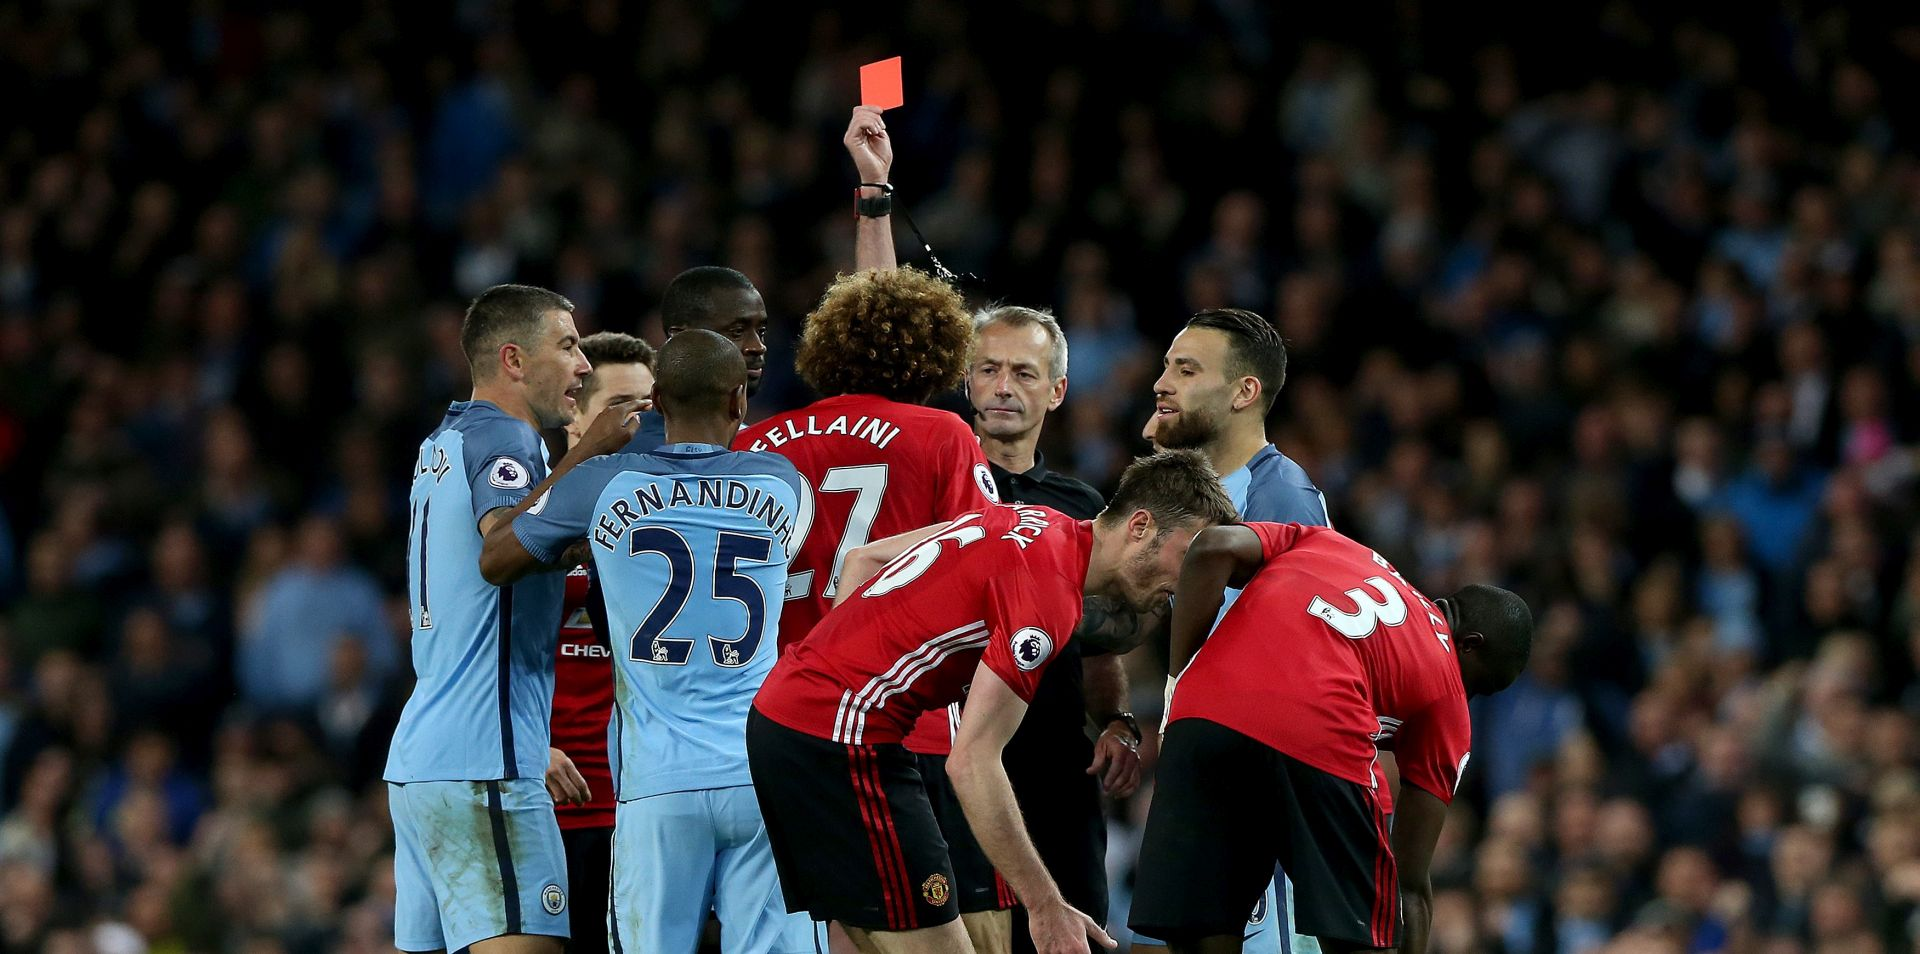 MANCHESTER UNITED Fellainiju tri utakmice kazne zbog crvenog kartona